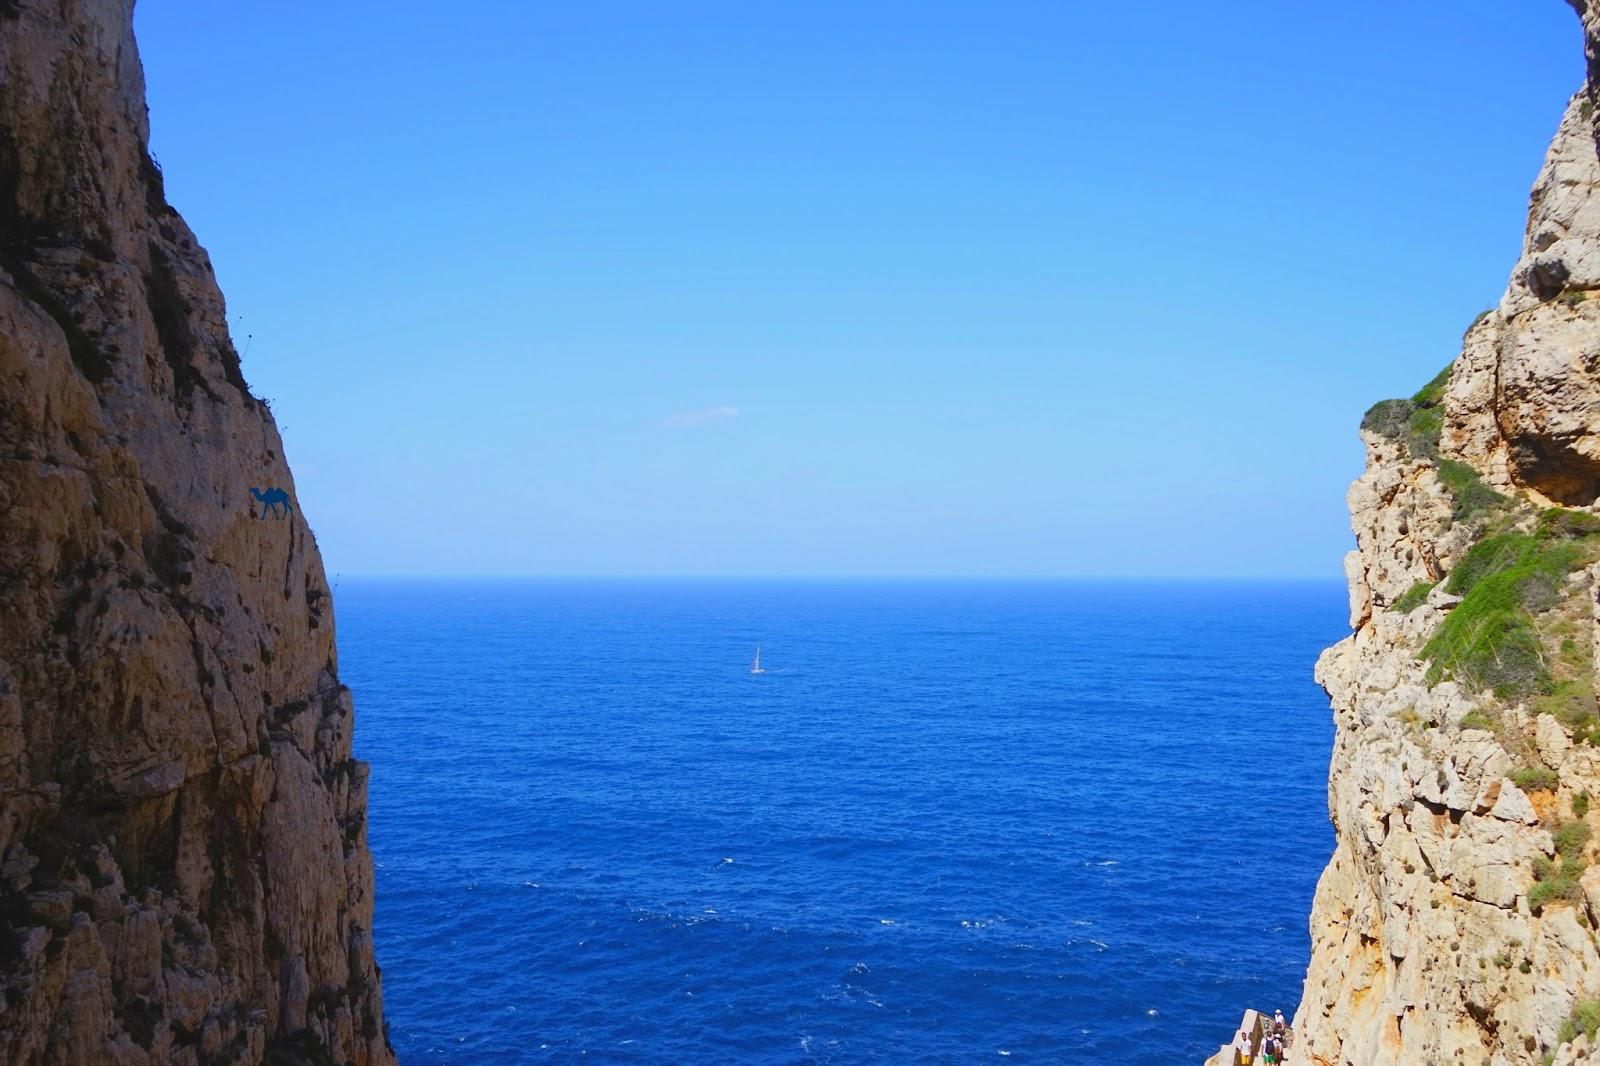 Le Chameau Bleu - Blog Voyage Sardaigne - paysage autour de la  grotte de neptune  Grotto di Nettuno Italie